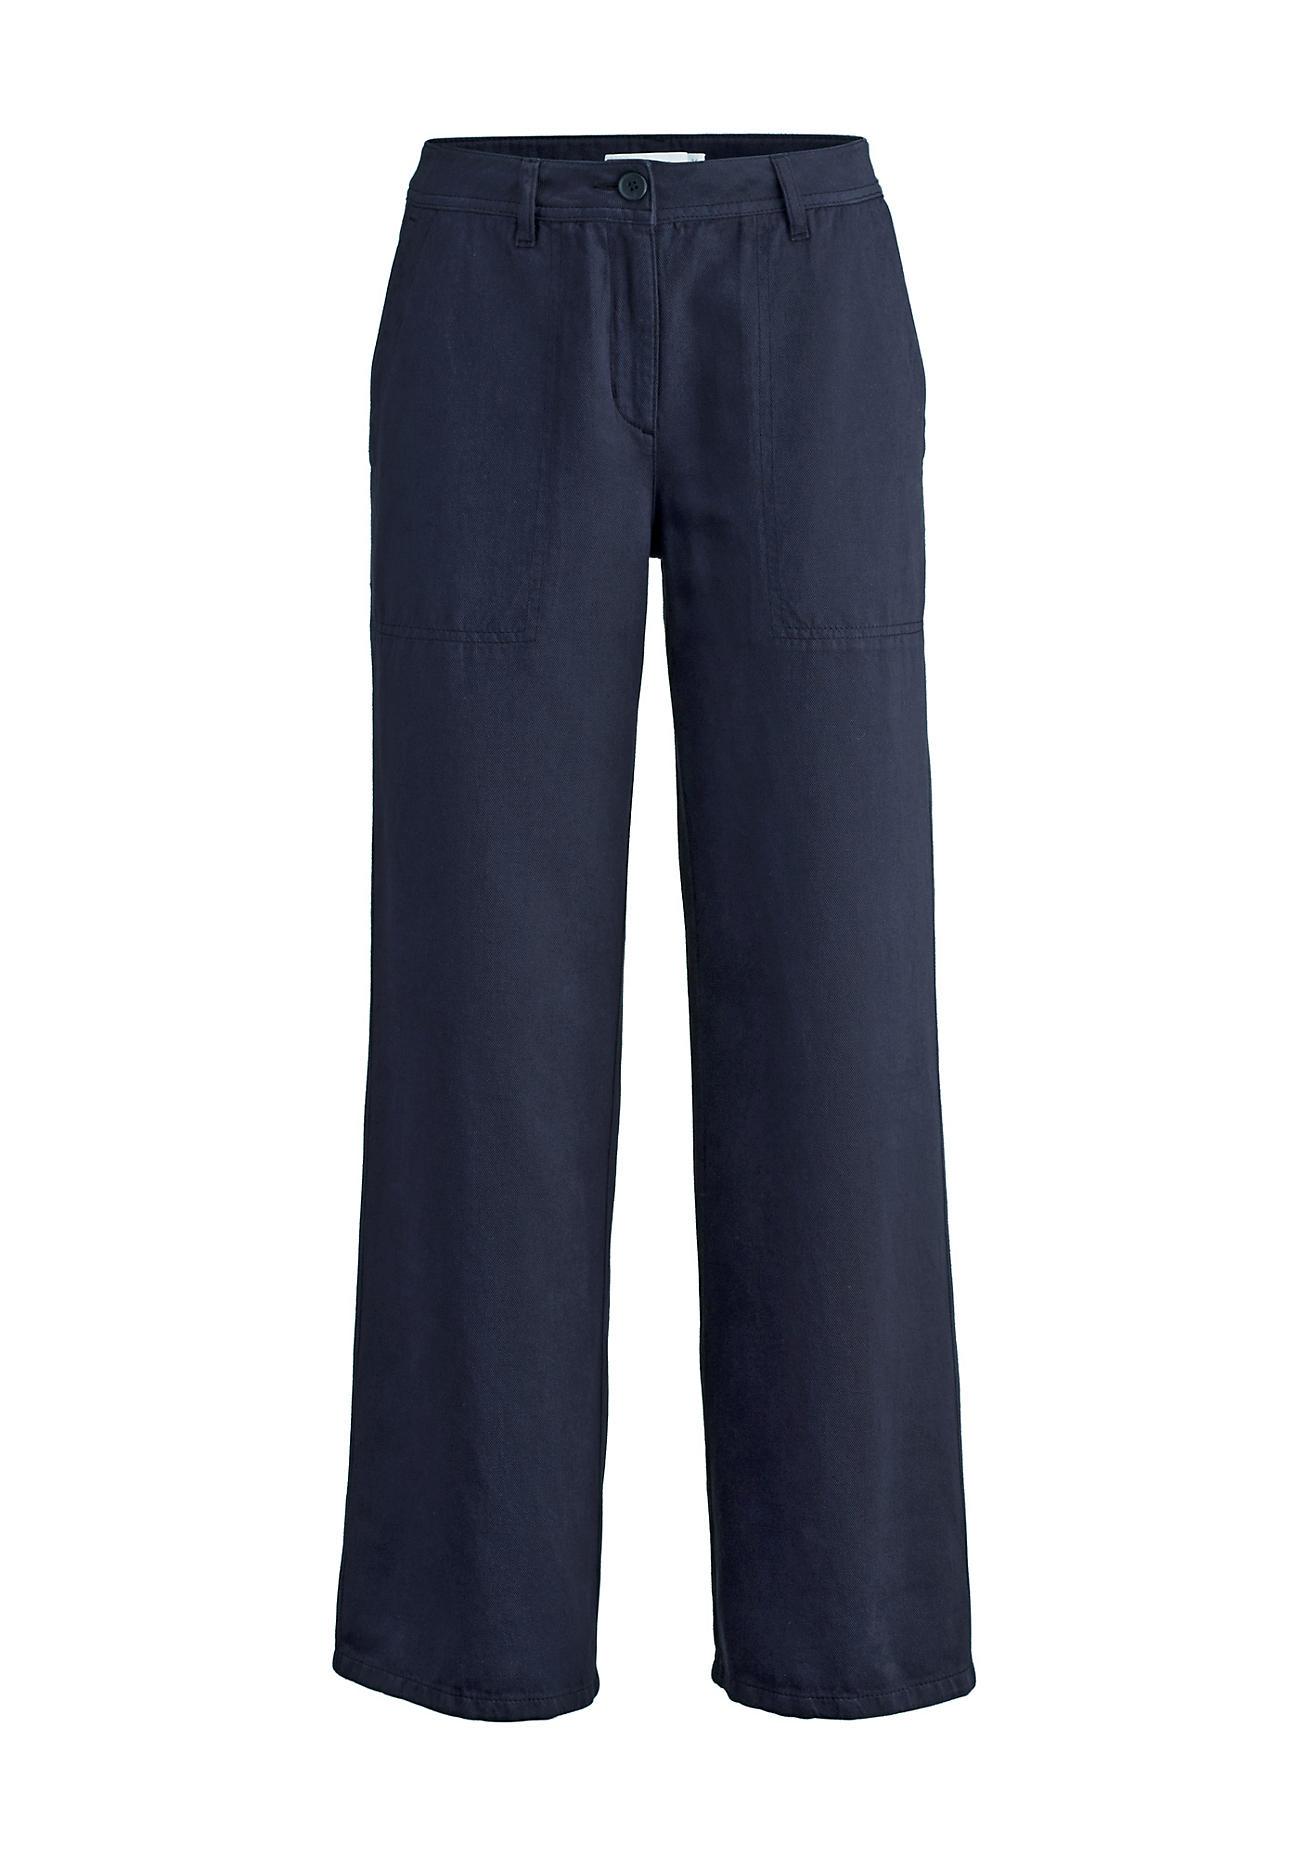 Hosen für Frauen - hessnatur Damen Hose aus Bio Baumwolle mit Leinen – blau –  - Onlineshop Hessnatur